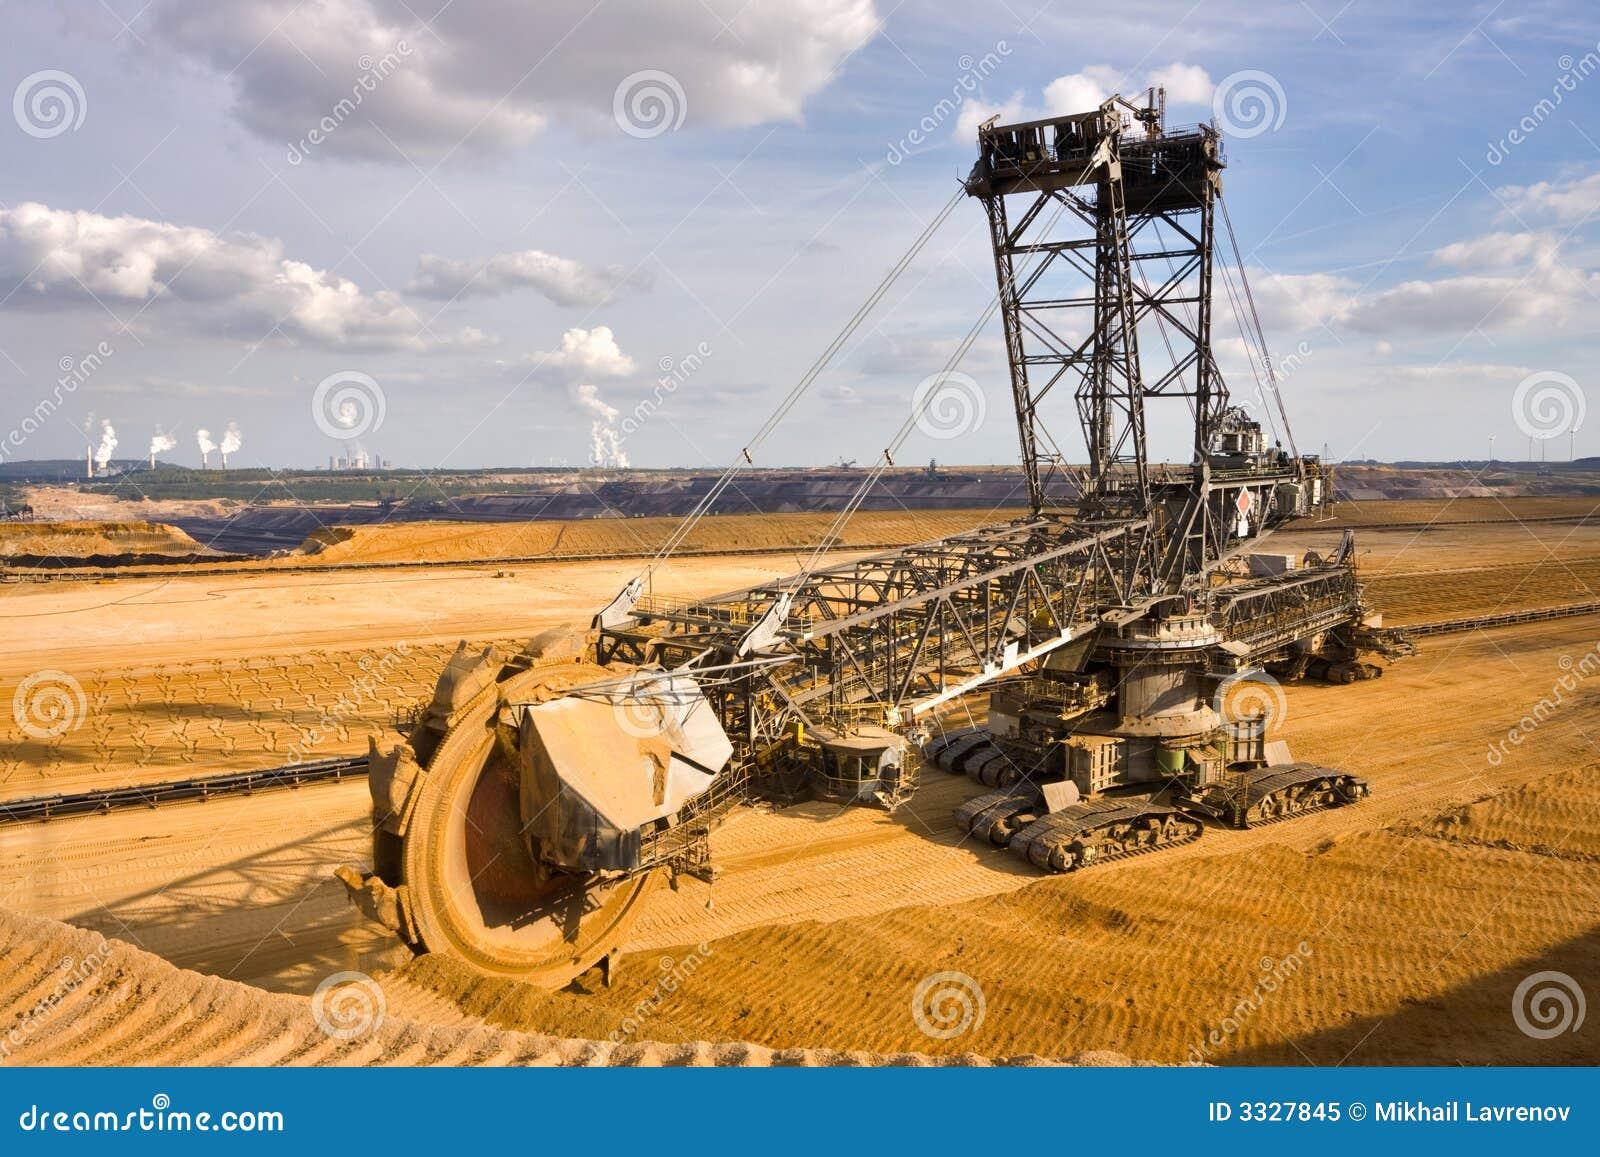 giant excavator - photo #20